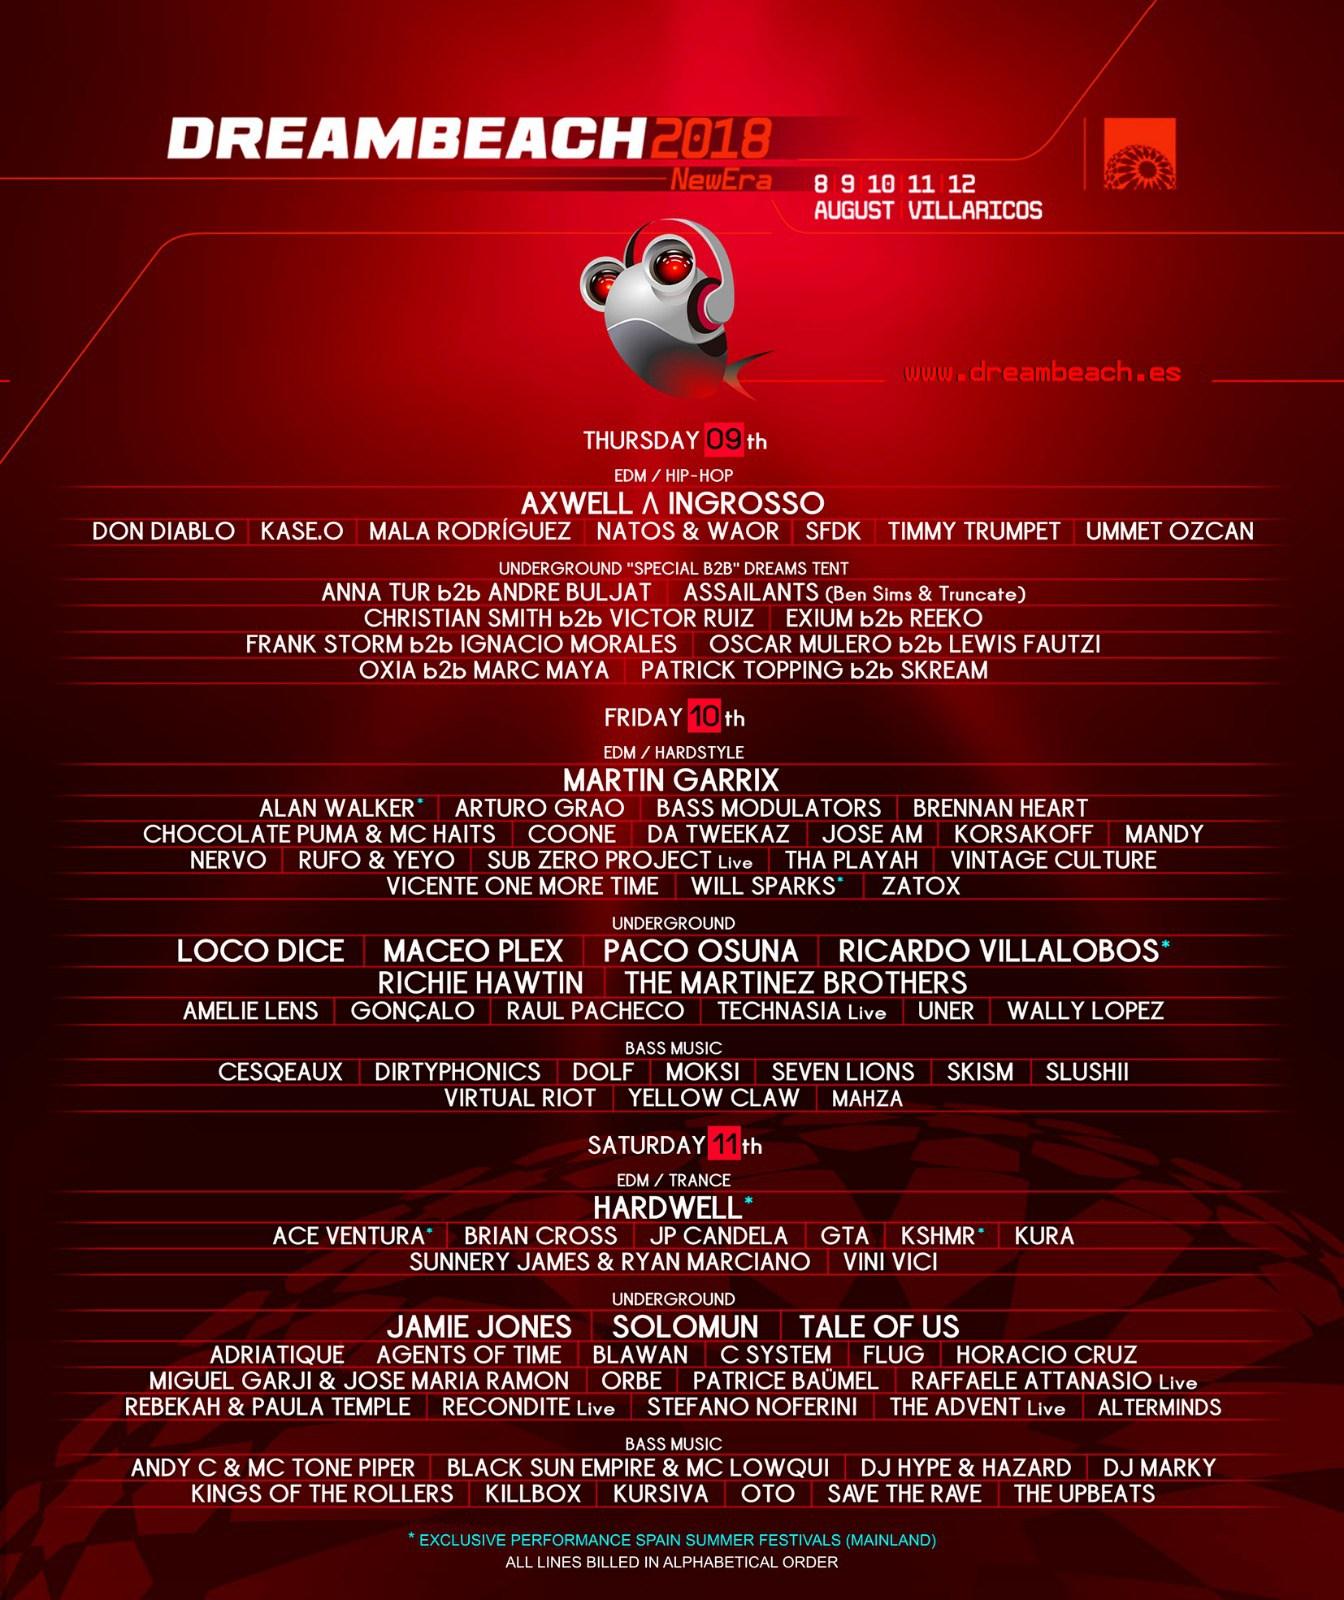 Dreambeach Villaricos 2018 du 8 au 12 août